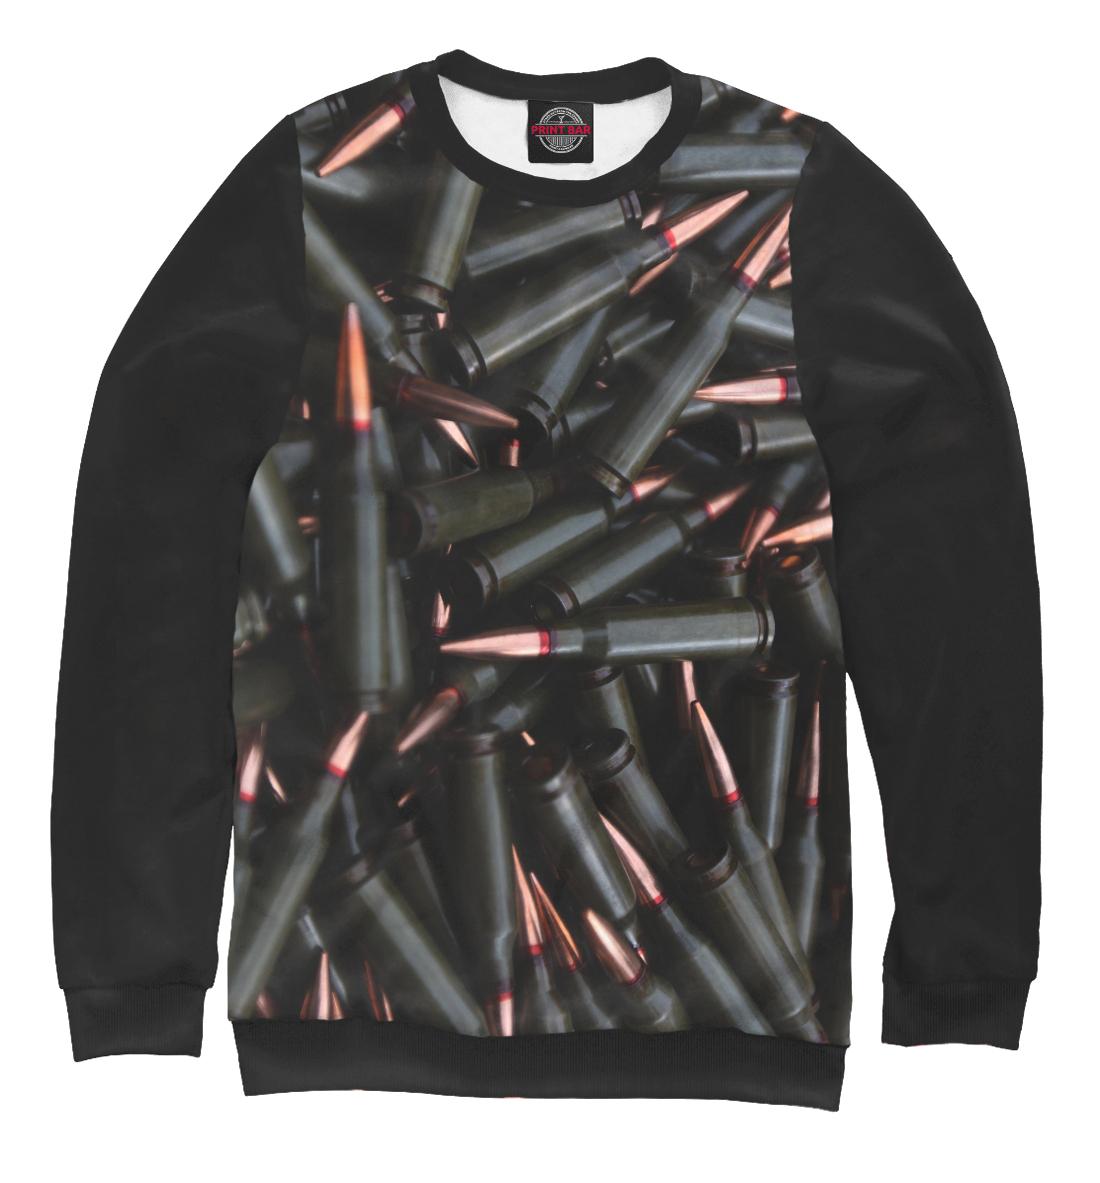 Купить Оружие, Printbar, Свитшоты, MSV-562475-swi-1